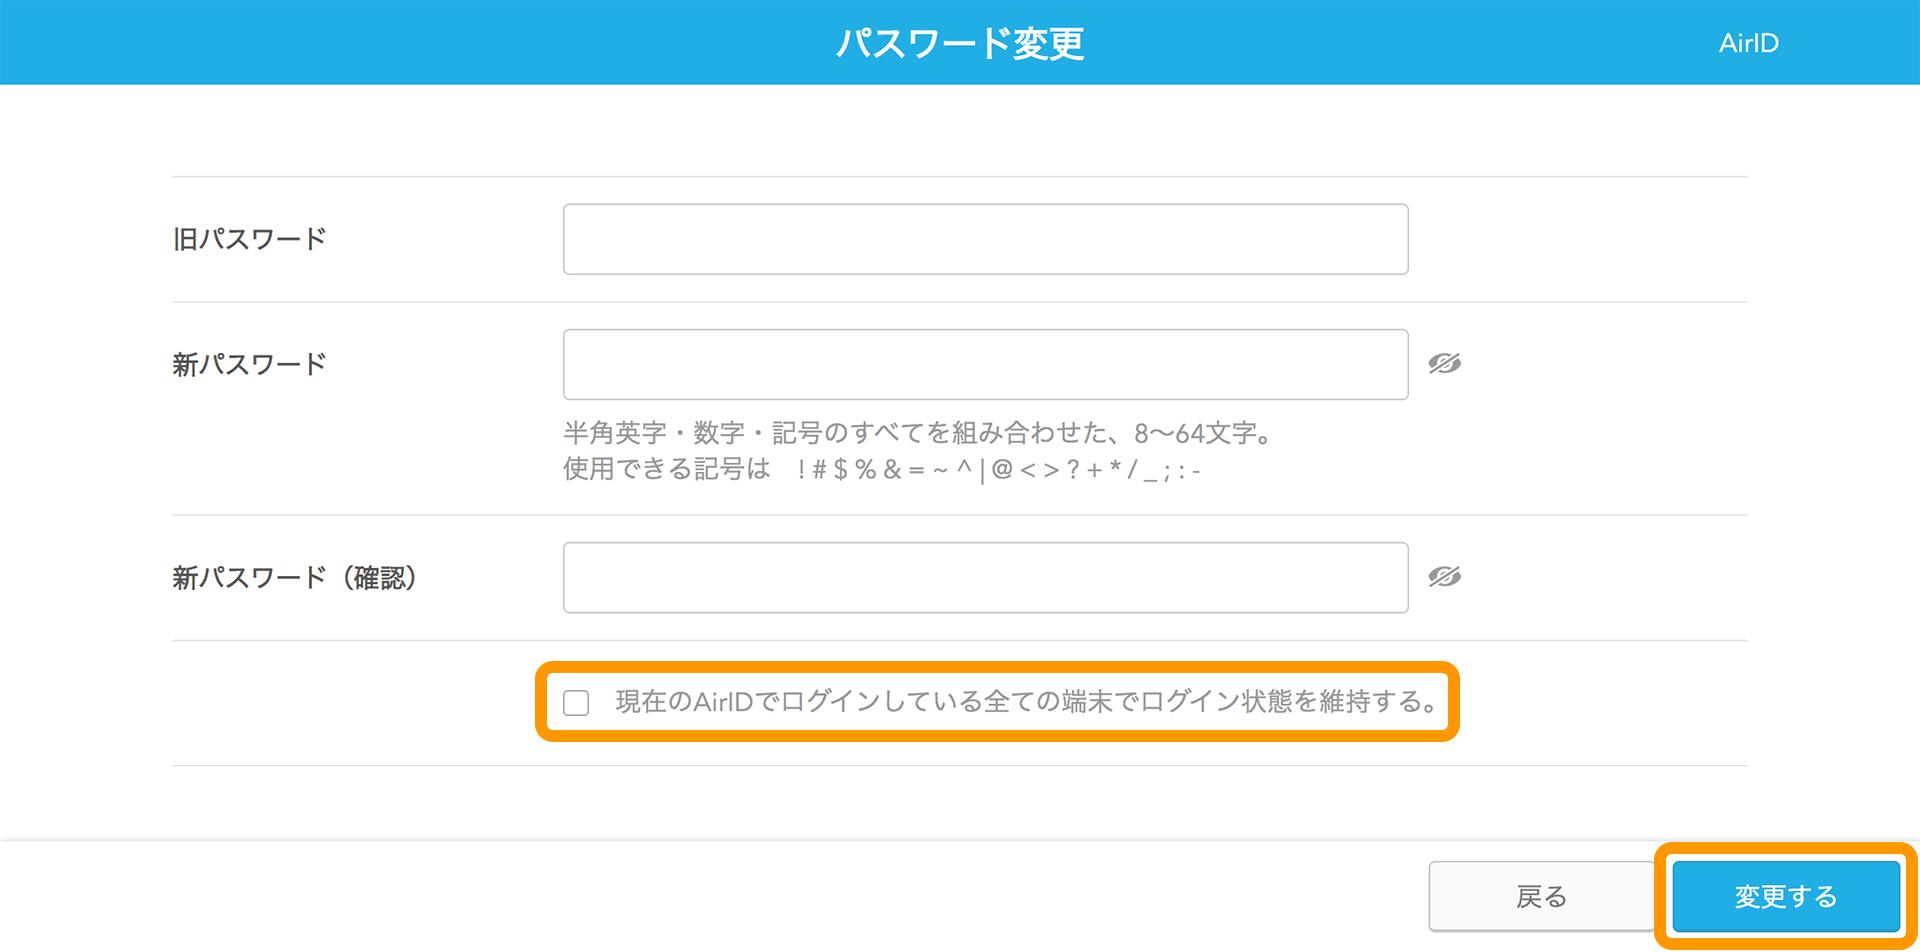 ペットサロン ボード パスワード変更画面 変更する